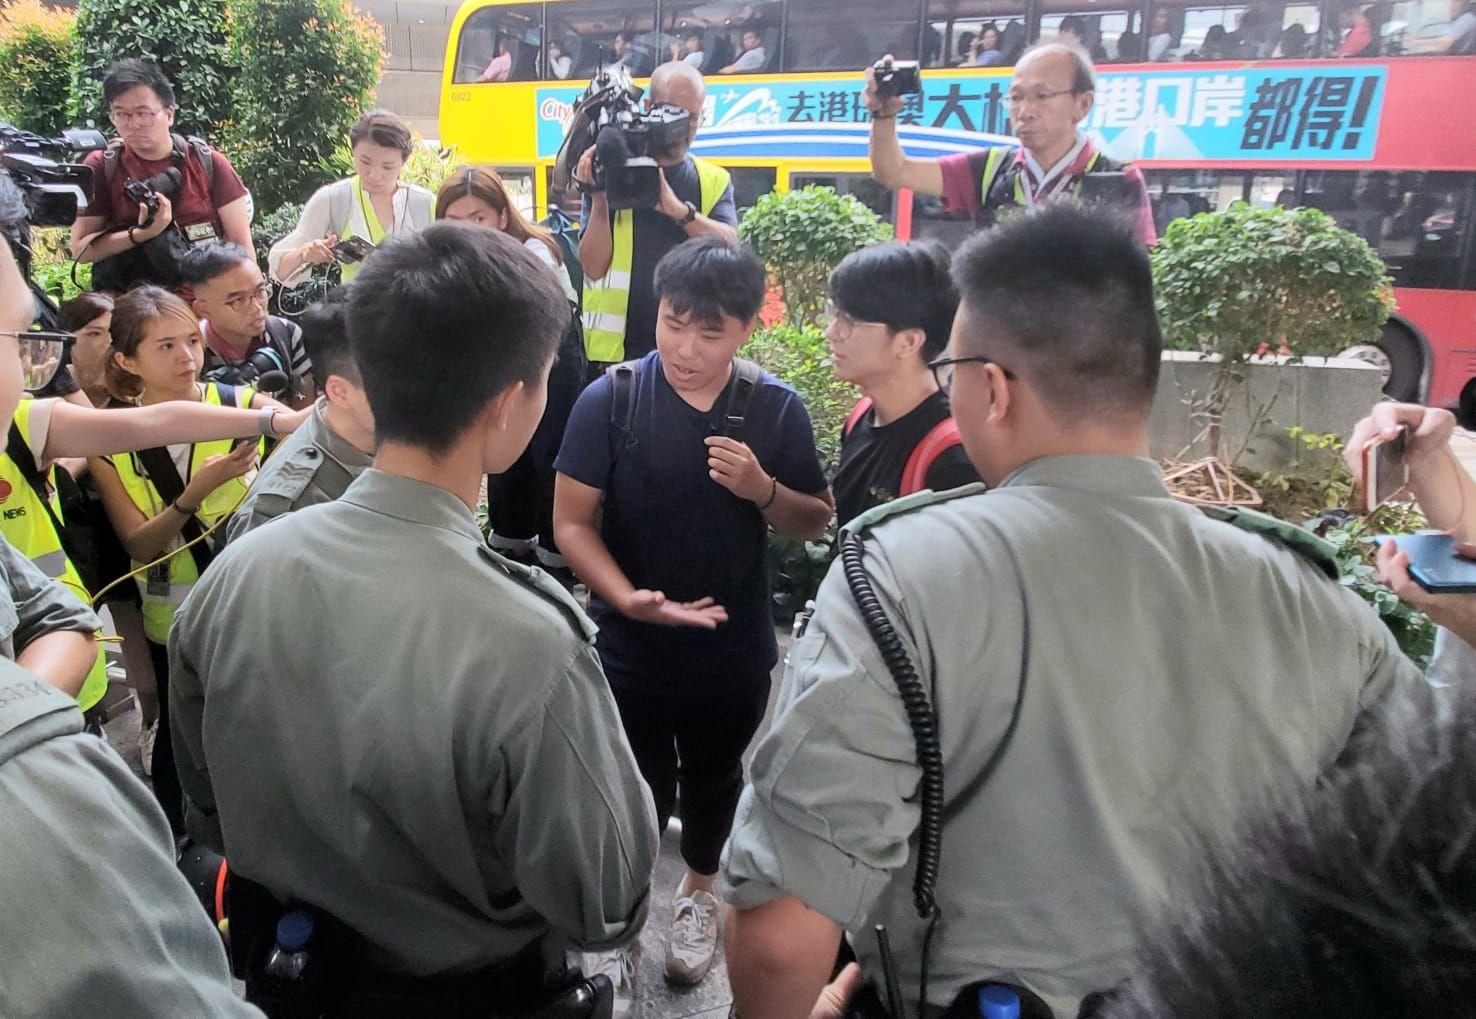 警方截查部份在場人士前來機場的目的。